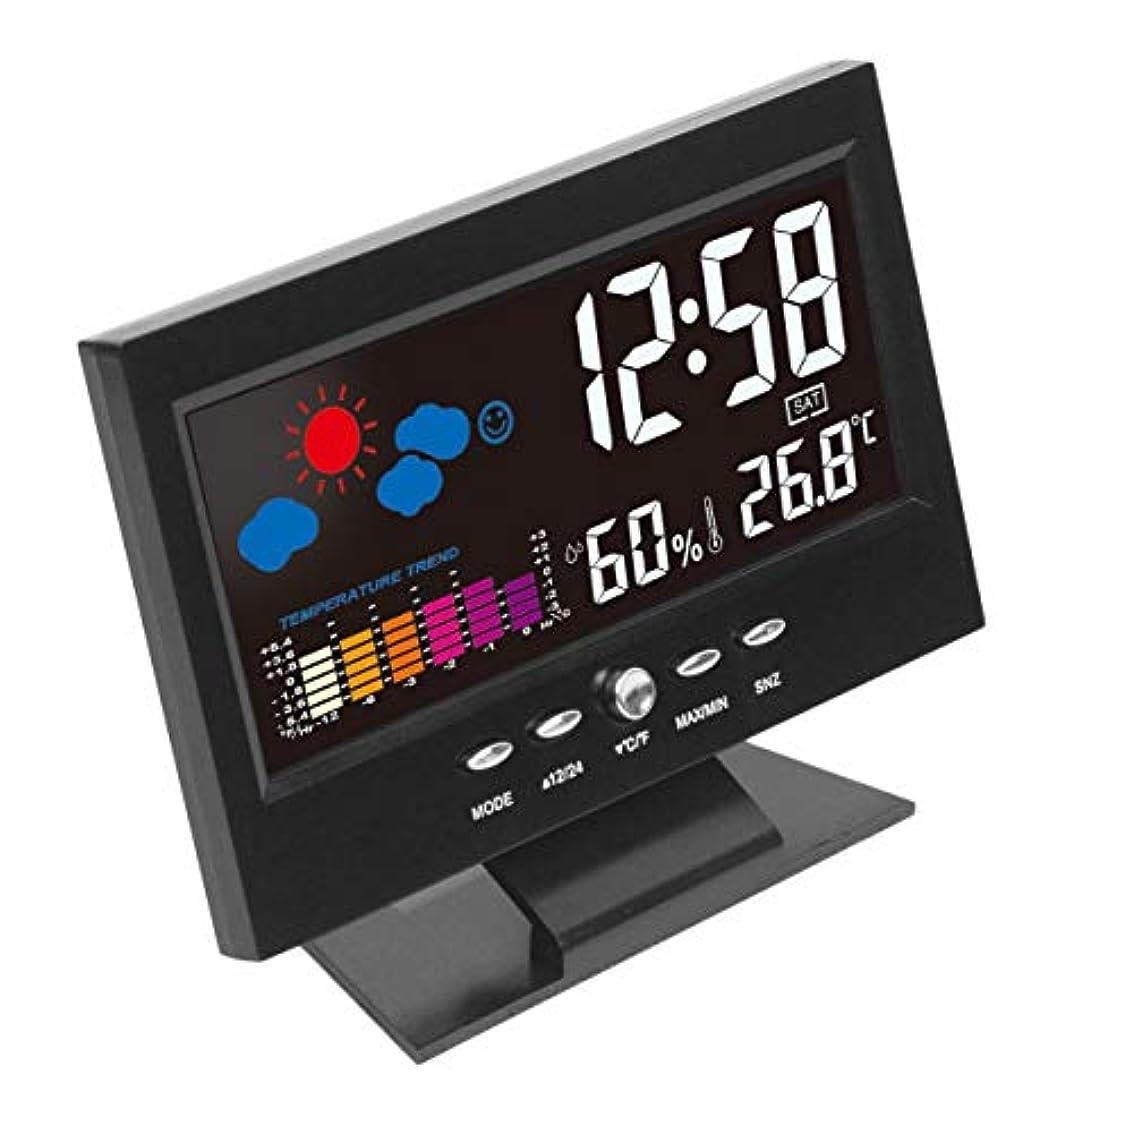 打ち上げる汚れた合体Saikogoods 電子デジタルLCD 温度湿度モニター時計 温度計湿度計 屋内ホーム 天気予報時??計 ブラック